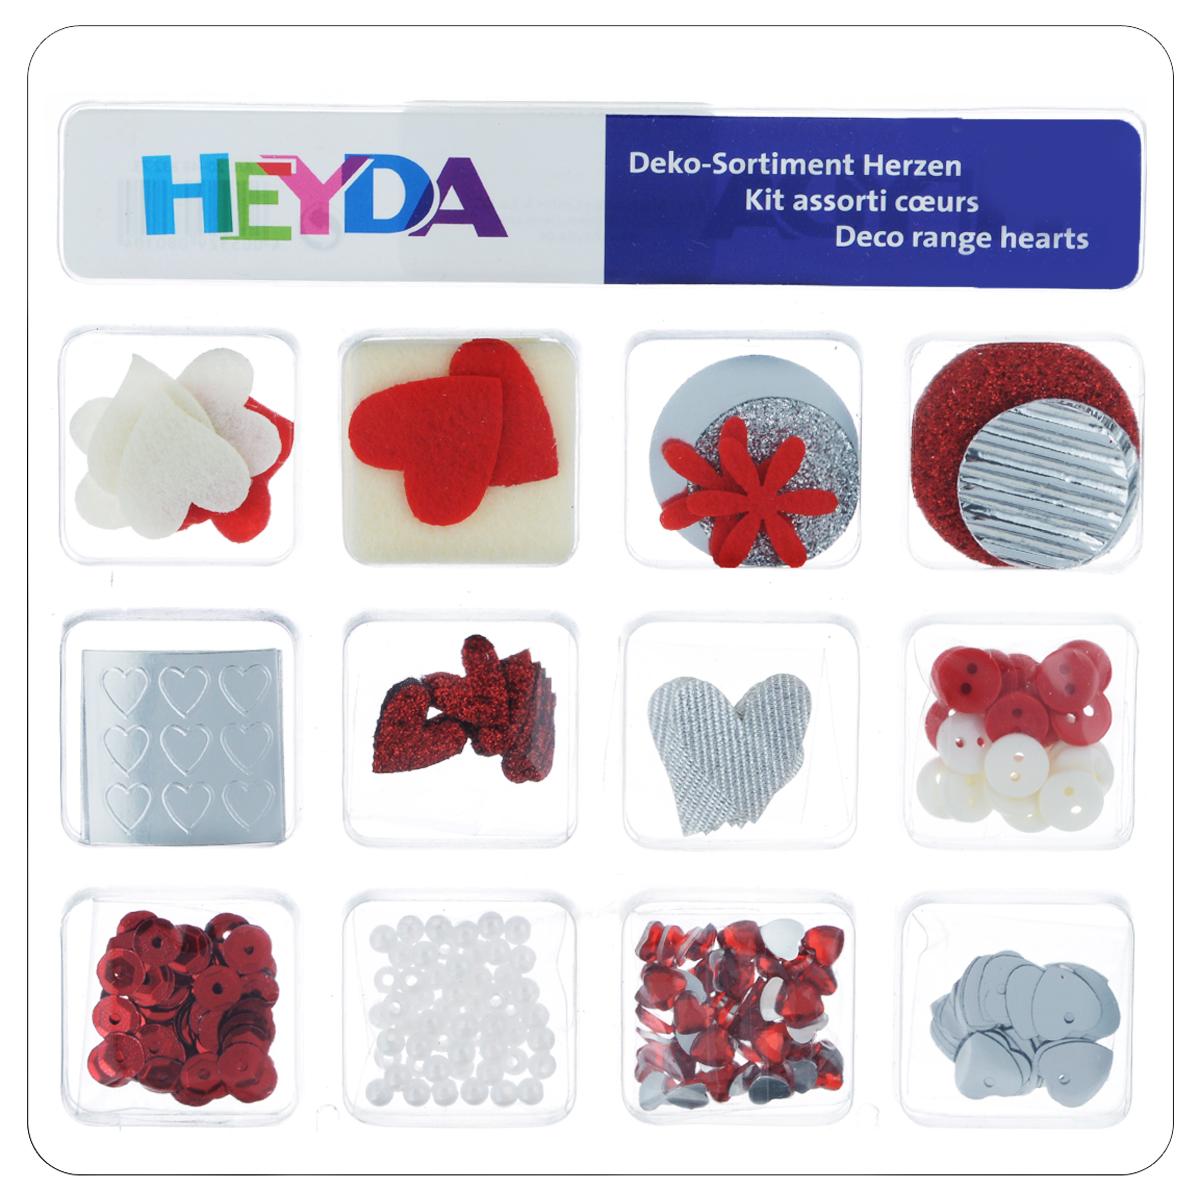 Декоративный набор для скрапбукинга Heyda Hearts, 12 дизайнов204883273Набор Heyda Hearts позволит оригинально украсить работы в стиле скрапбукинг. Вы сможете создать красивый альбом, фоторамку или открытку ручной работы, оформить подарок или аппликацию. В наборе - различные элементы декора 12 дизайнов (стикеры, бусины, пайетки, стразы, пуговицы, фигурки из бумаги и фетра). Скрапбукинг - это хобби, которое способно приносить массу приятных эмоций не только человеку, который этим занимается, но и его близким, друзьям, родным. Это невероятно увлекательное занятие, которое поможет вам сохранить наиболее памятные и яркие моменты вашей жизни, а также интересно оформить интерьер дома. Средний размер декоративных фигурок: 2 см х 2 см.